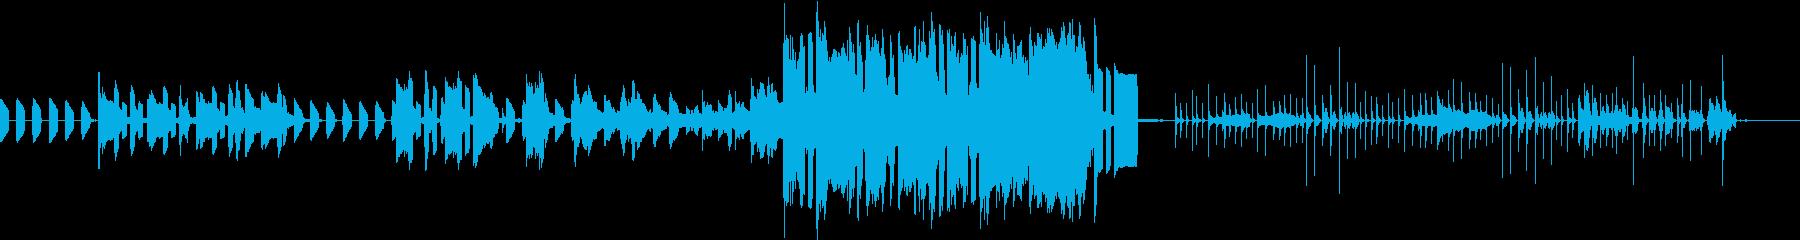 キノコをイメージしたおどけた曲。の再生済みの波形